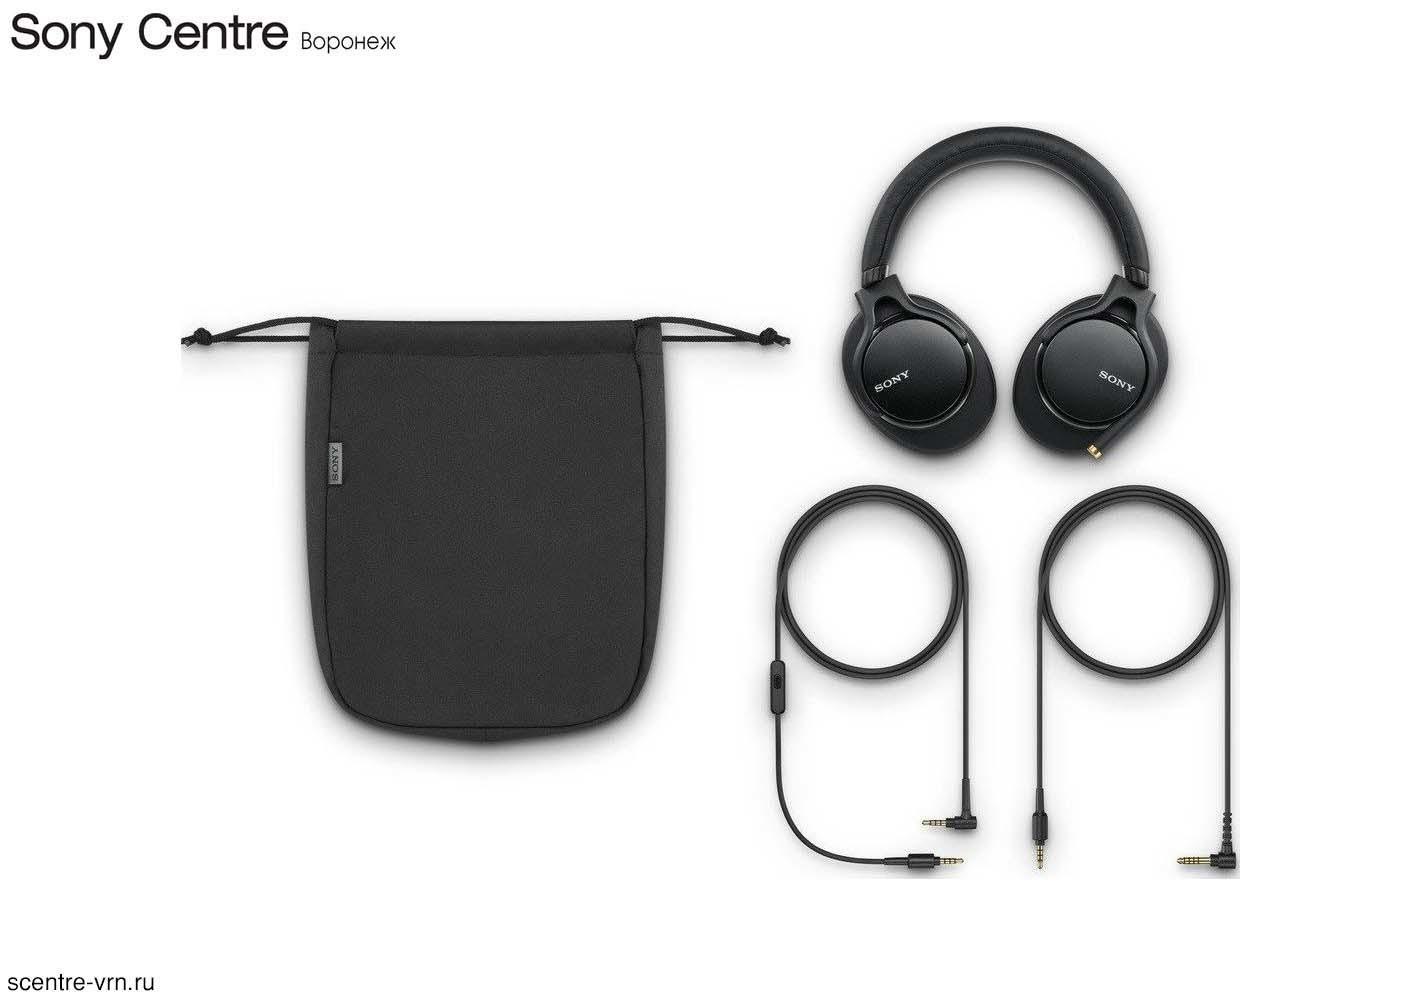 Наушники MDR-1AM2 чёрного цвета купить в интернет-магазине Sony Centre